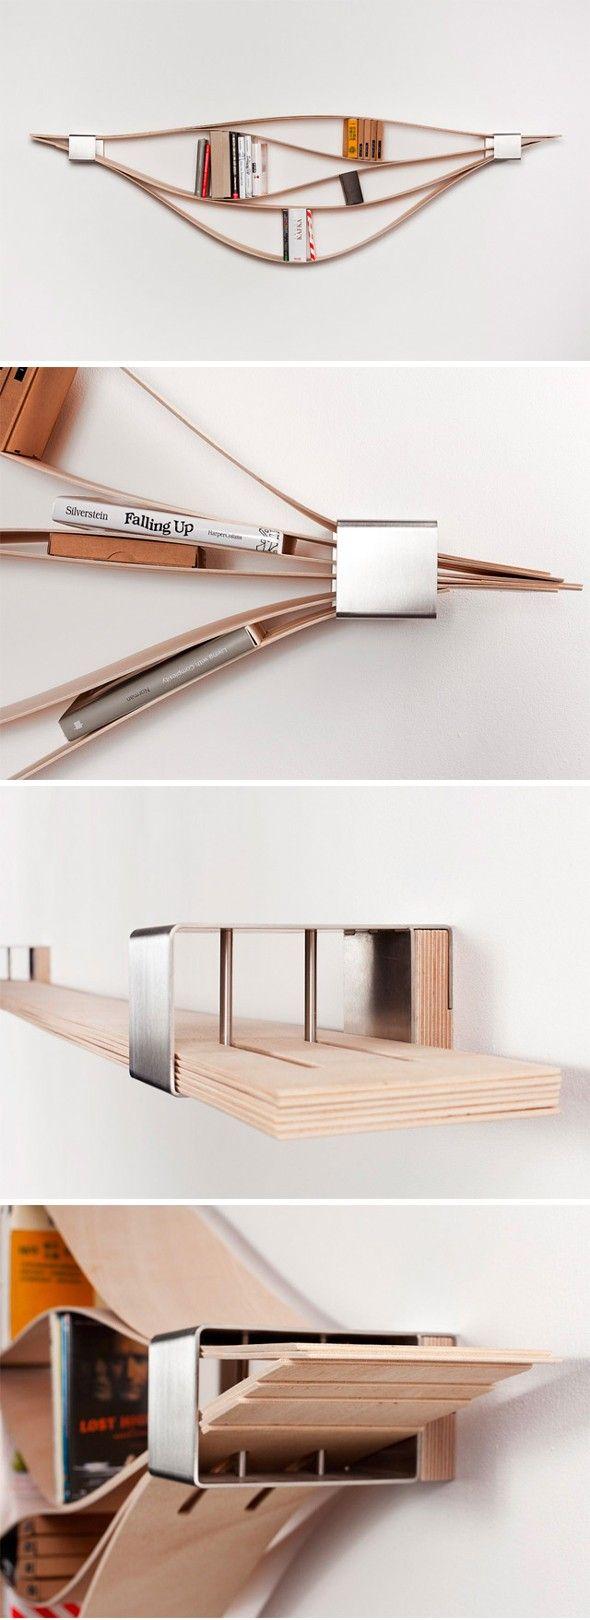 Une étagère modulable Chuck est un concept d'étagère murale stupéfiant, réalisé par la designer allemande Natascha Harra-Frischkorn. L'ensemble est composé